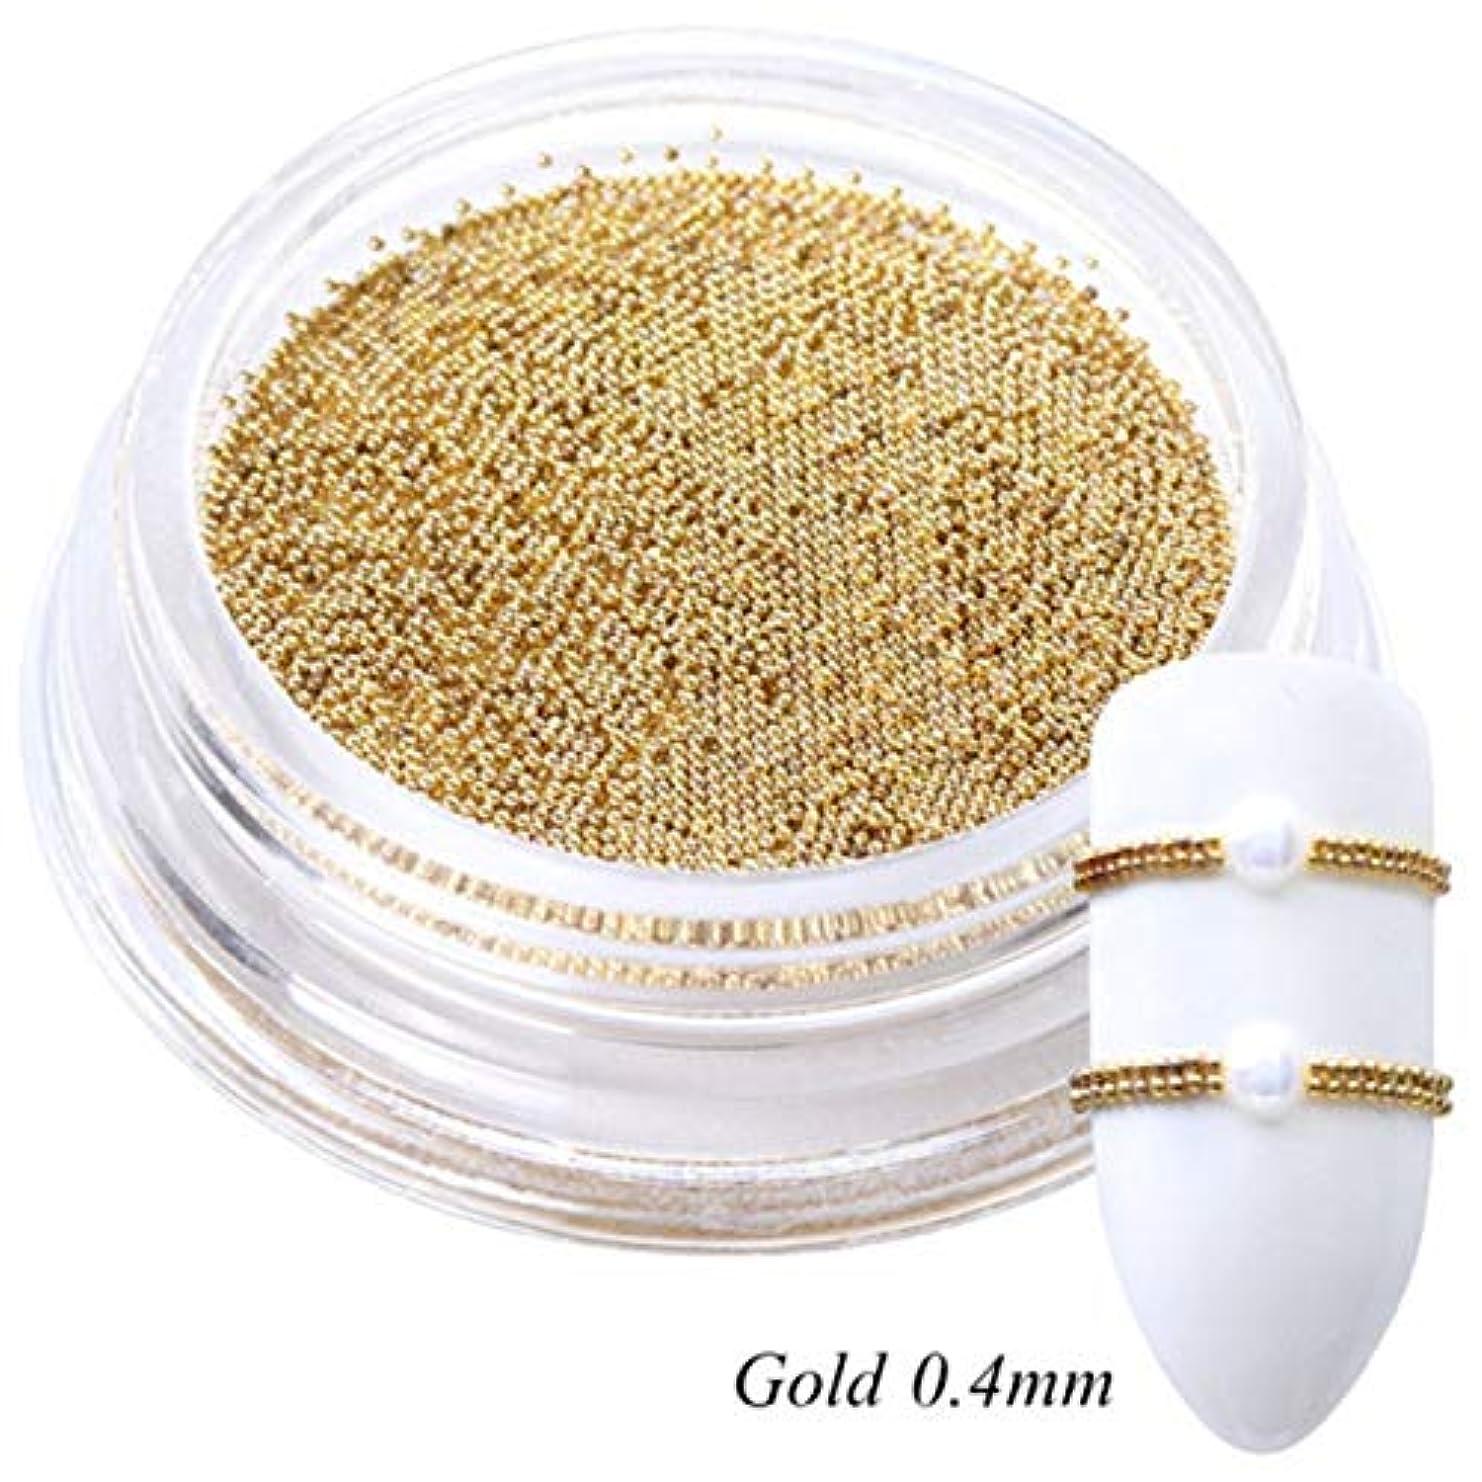 スワップ例パターンQuzama-JS 特別な12 G 0.4 mmネイルアート金属ミニキャビアビーズ3 Dチャームラインストーンマイクロビーズ装飾(None 0.4 mm Pearl gold(white bottle) 12g)